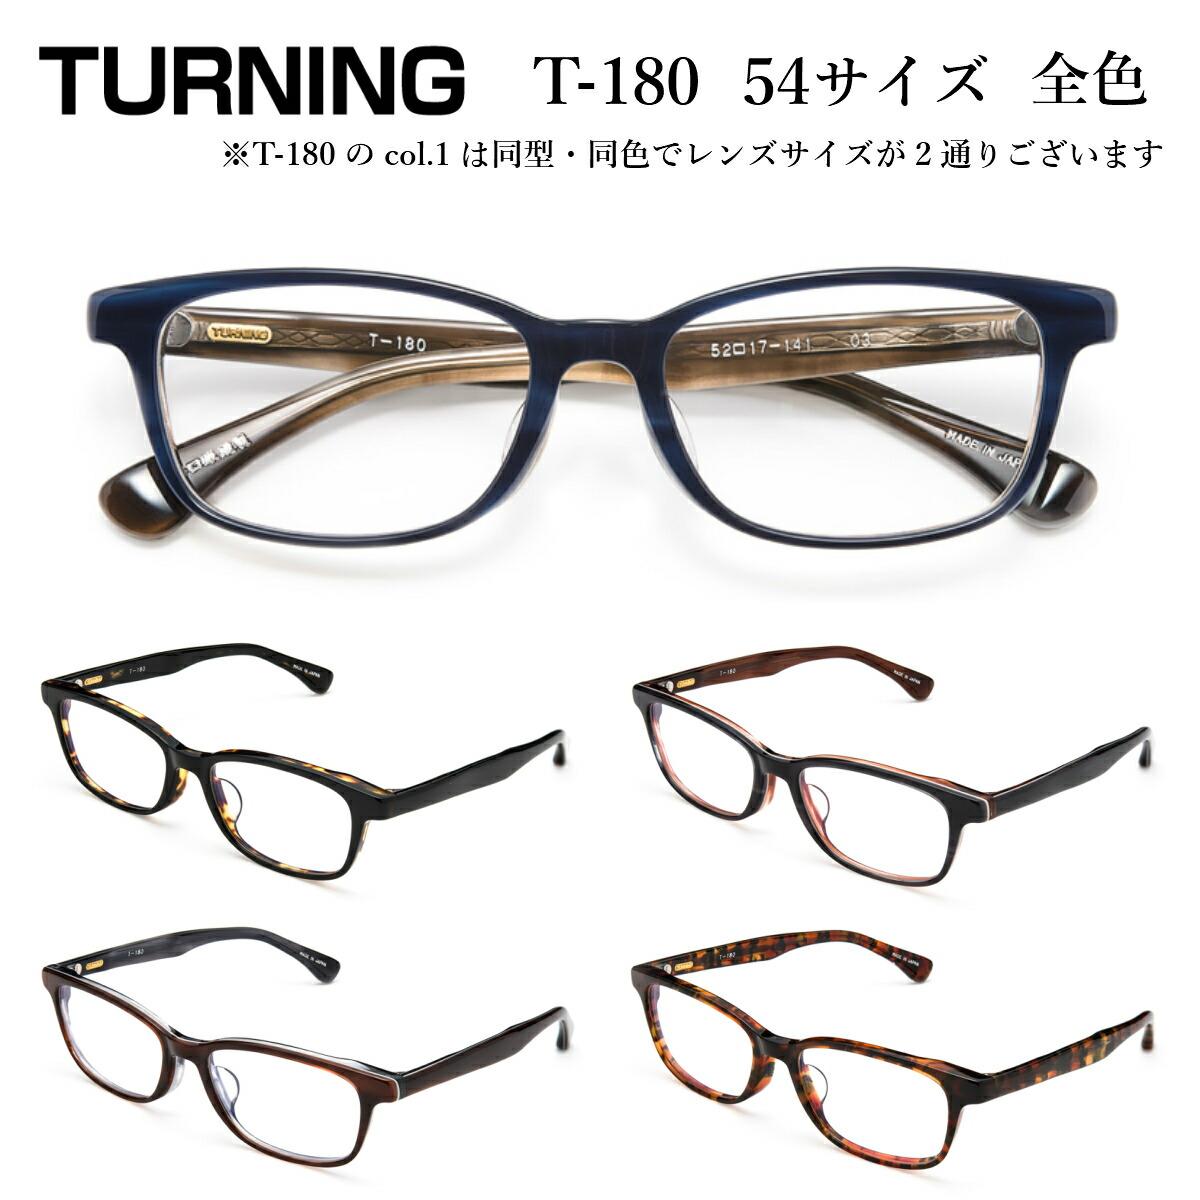 TURNING ターニング 谷口眼鏡 T-180 54サイズ 全色 メガネ 眼鏡 めがね フレーム 度付き 度入り 対応 セル プラスチック アセテート 日本製 国産 鯖江 SABAE ウェリントン スクエア メンズ 男 【送料無料】